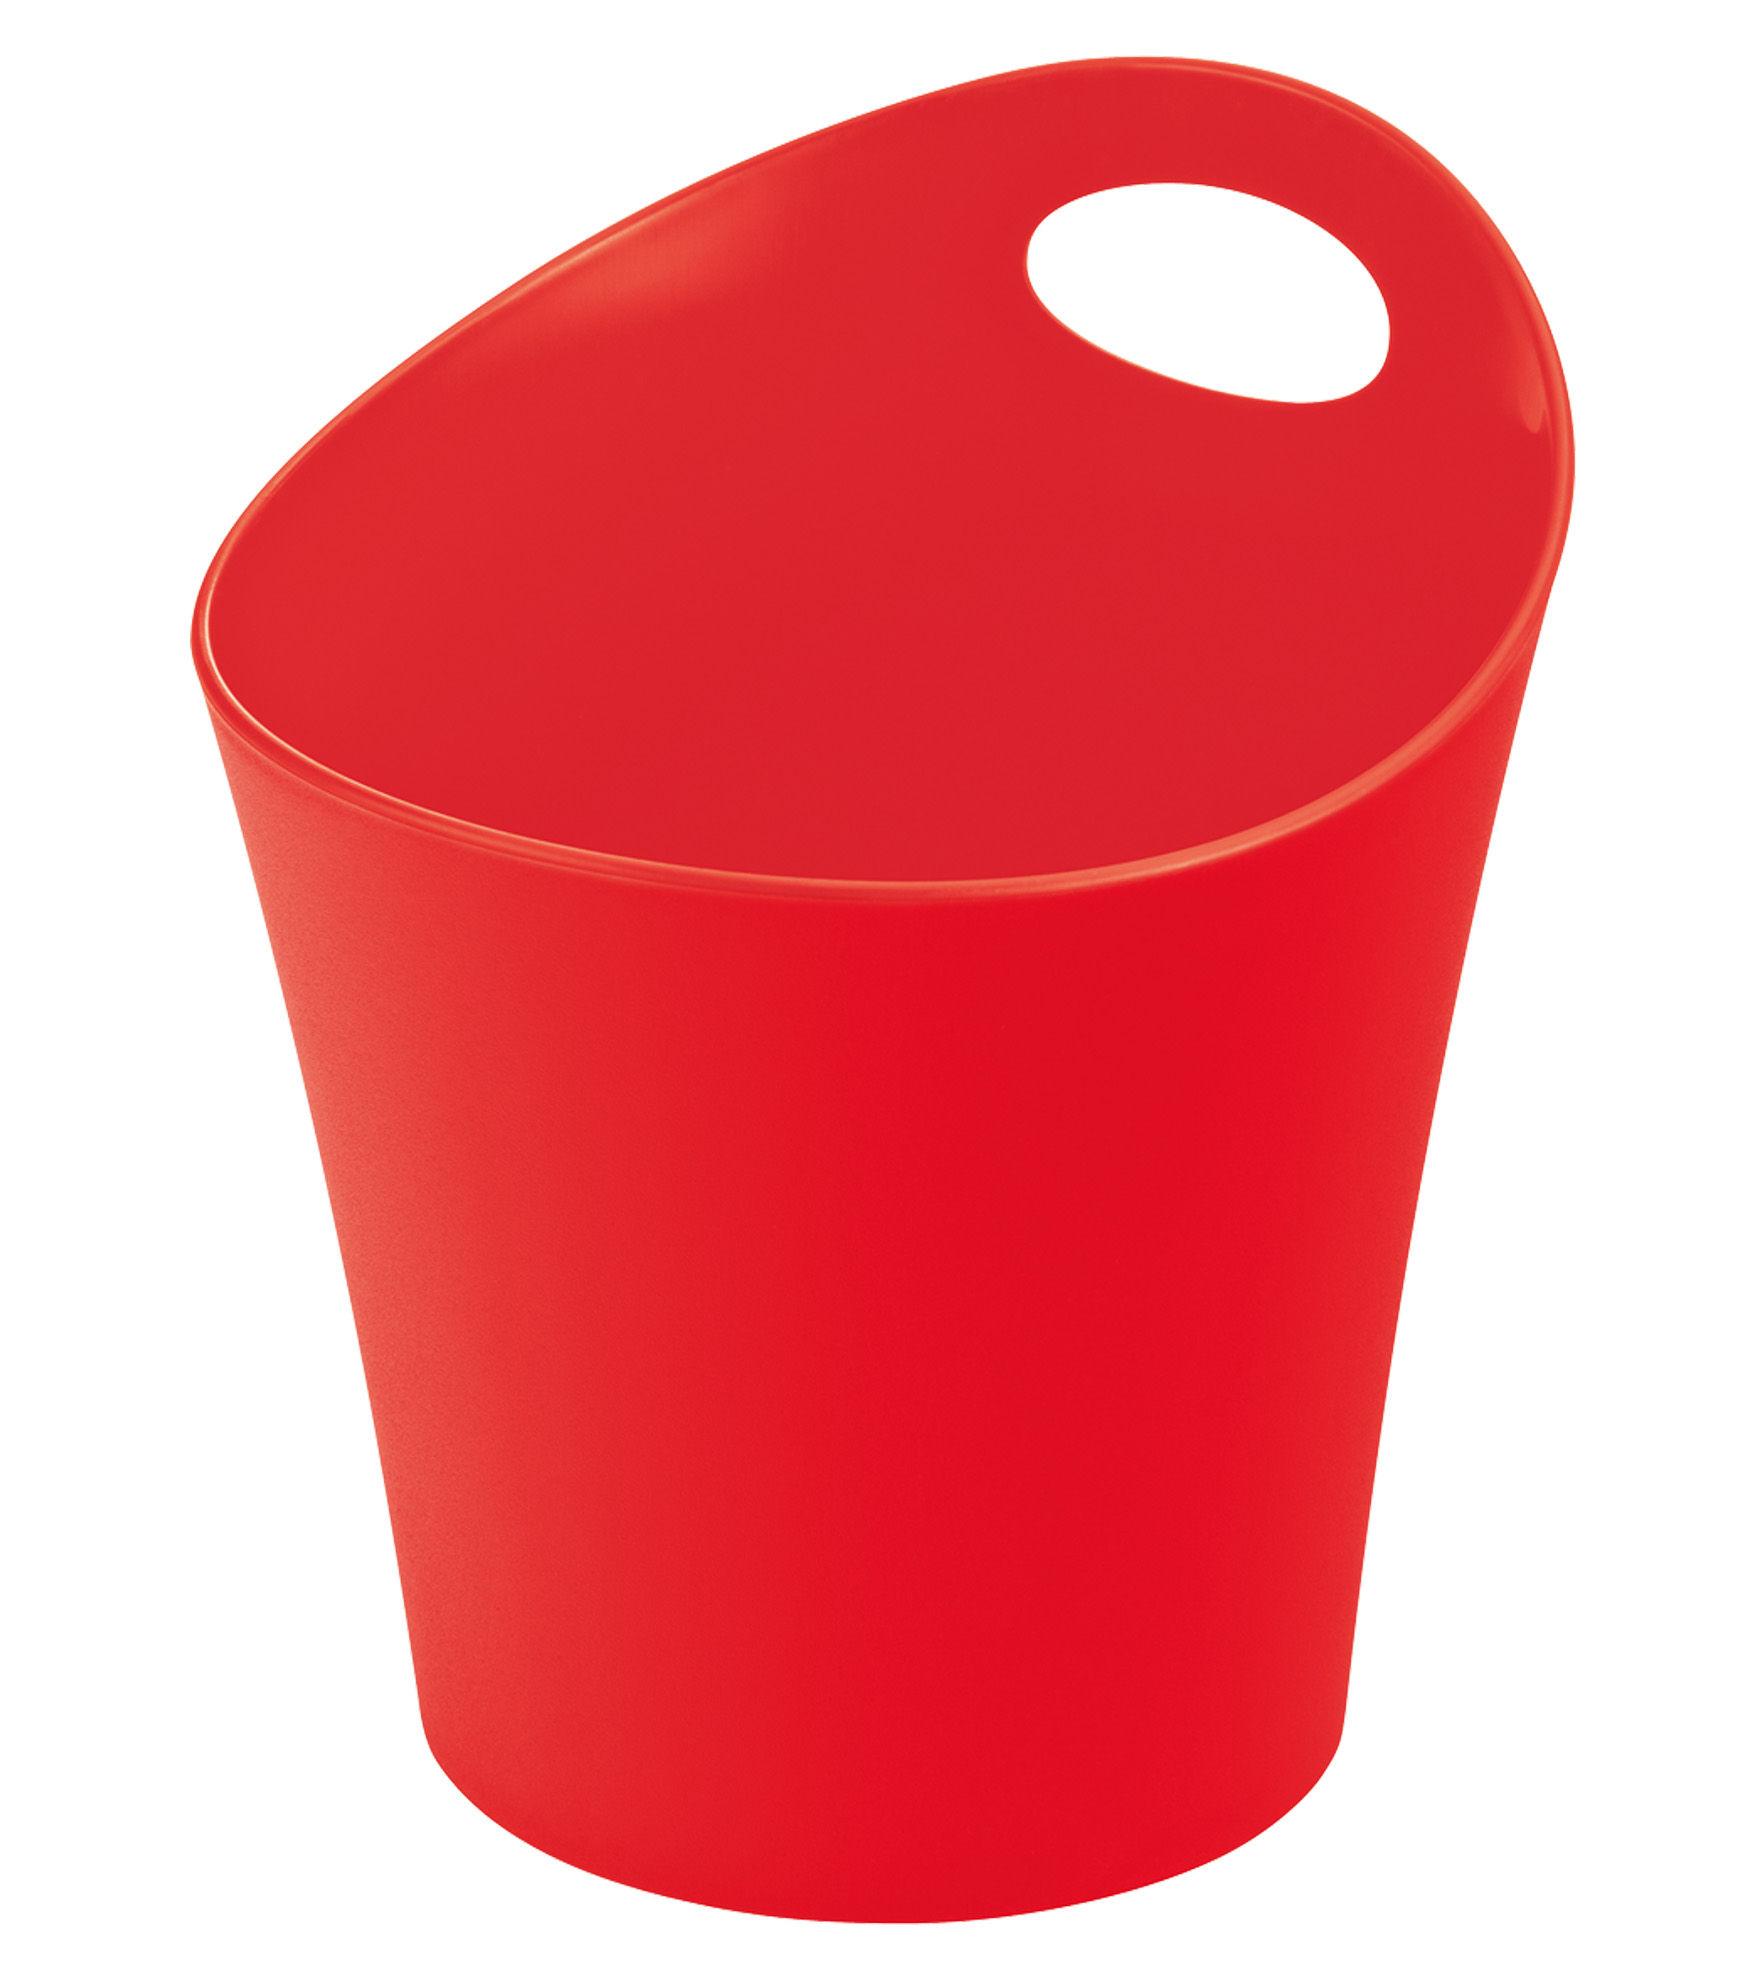 Interni - Bagno  - Vaso Pottichelli L di Koziol - Fragola - PMMA